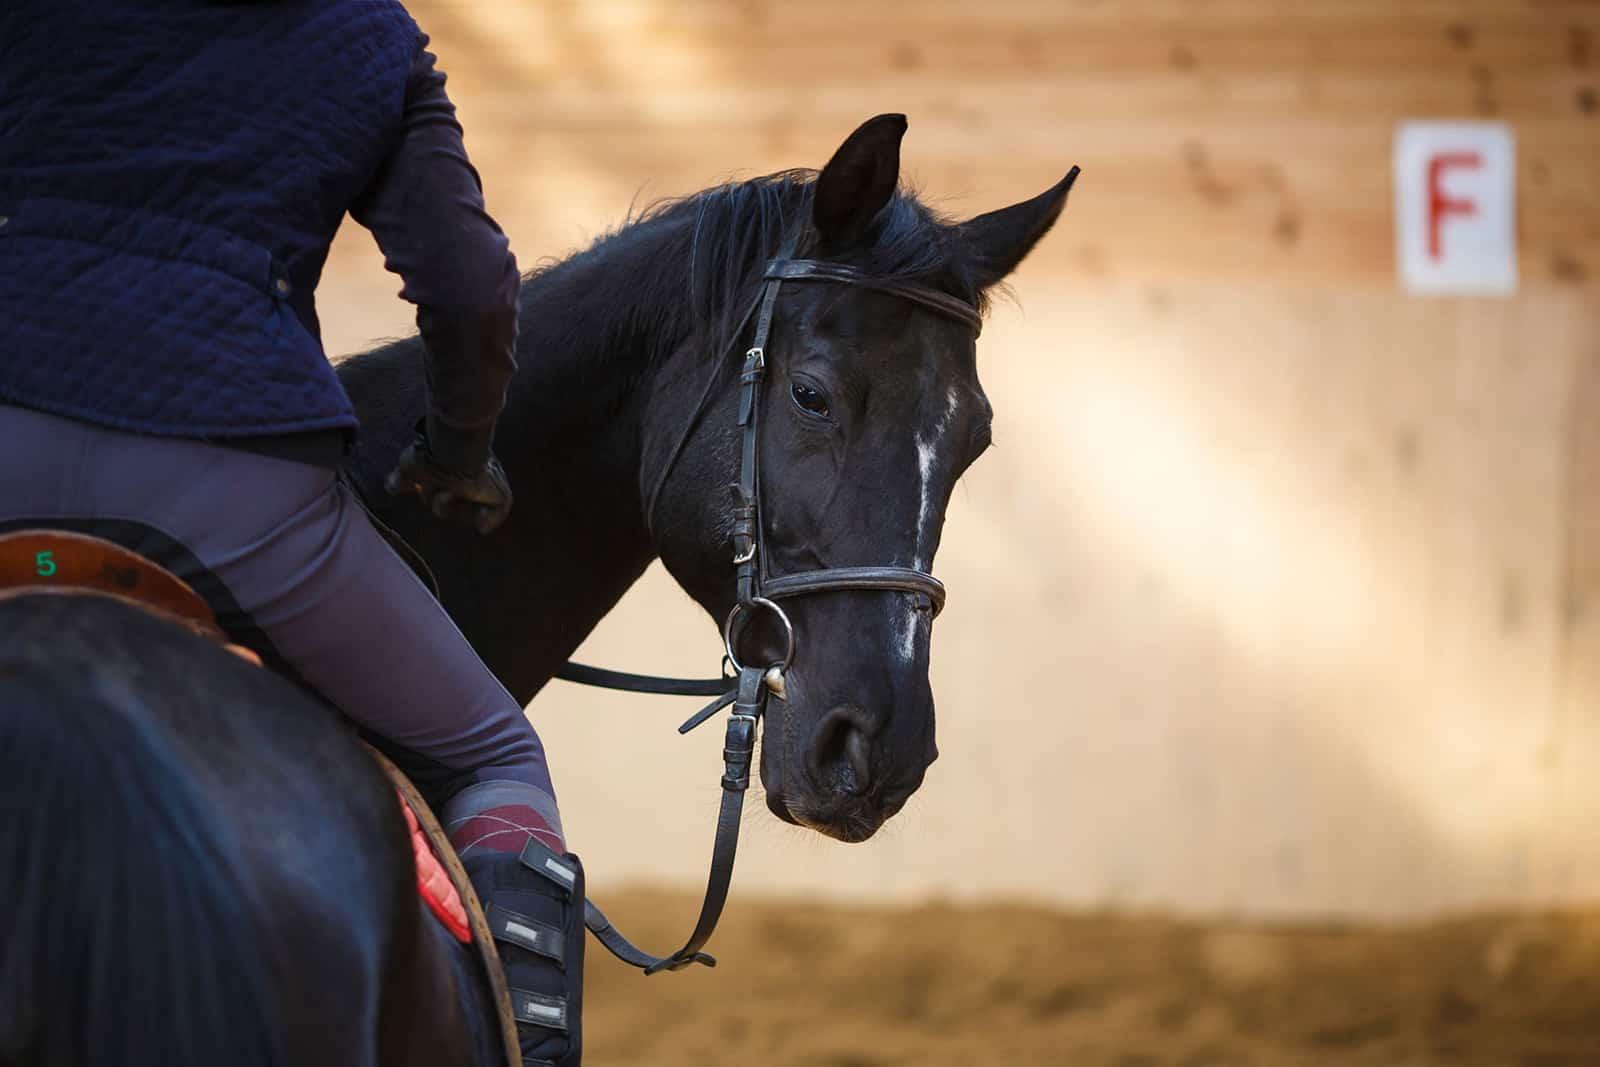 treat-training horses